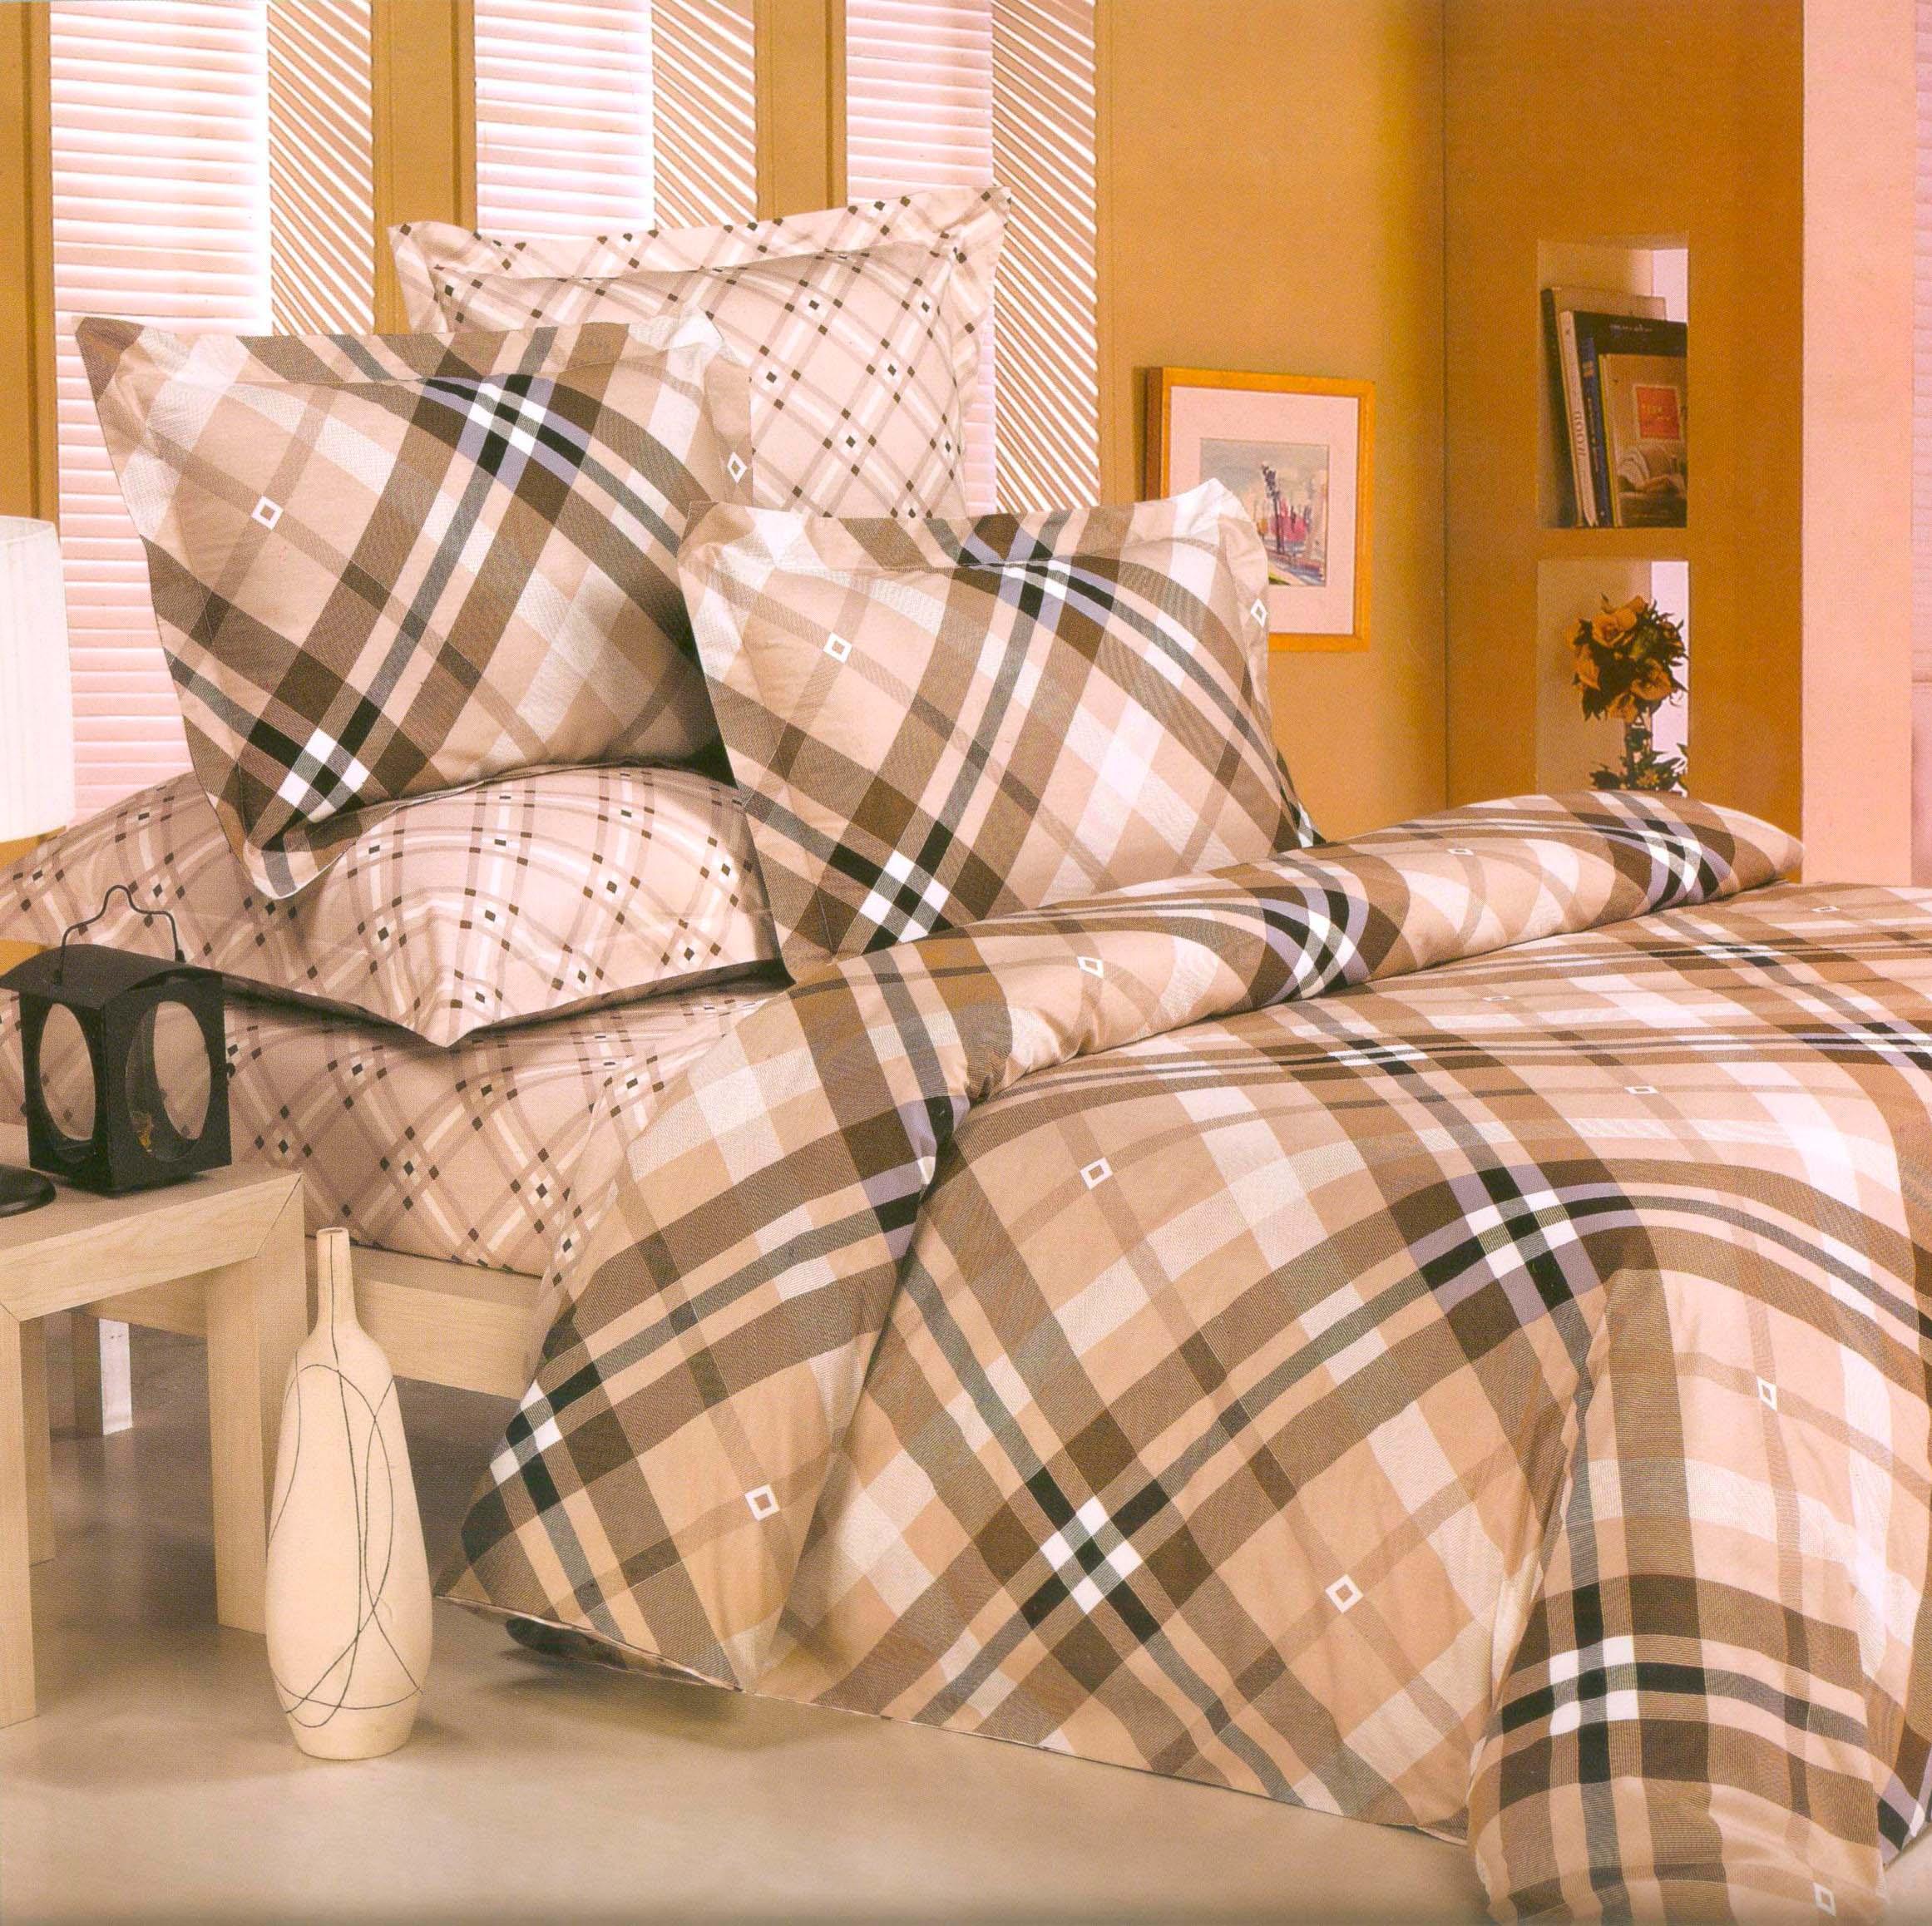 Купить Комплекты постельного белья СайлиД, Постельное белье Luxus B-58 (2 сп. евро), Китай, Бежевый, Серый, Хлопковый сатин